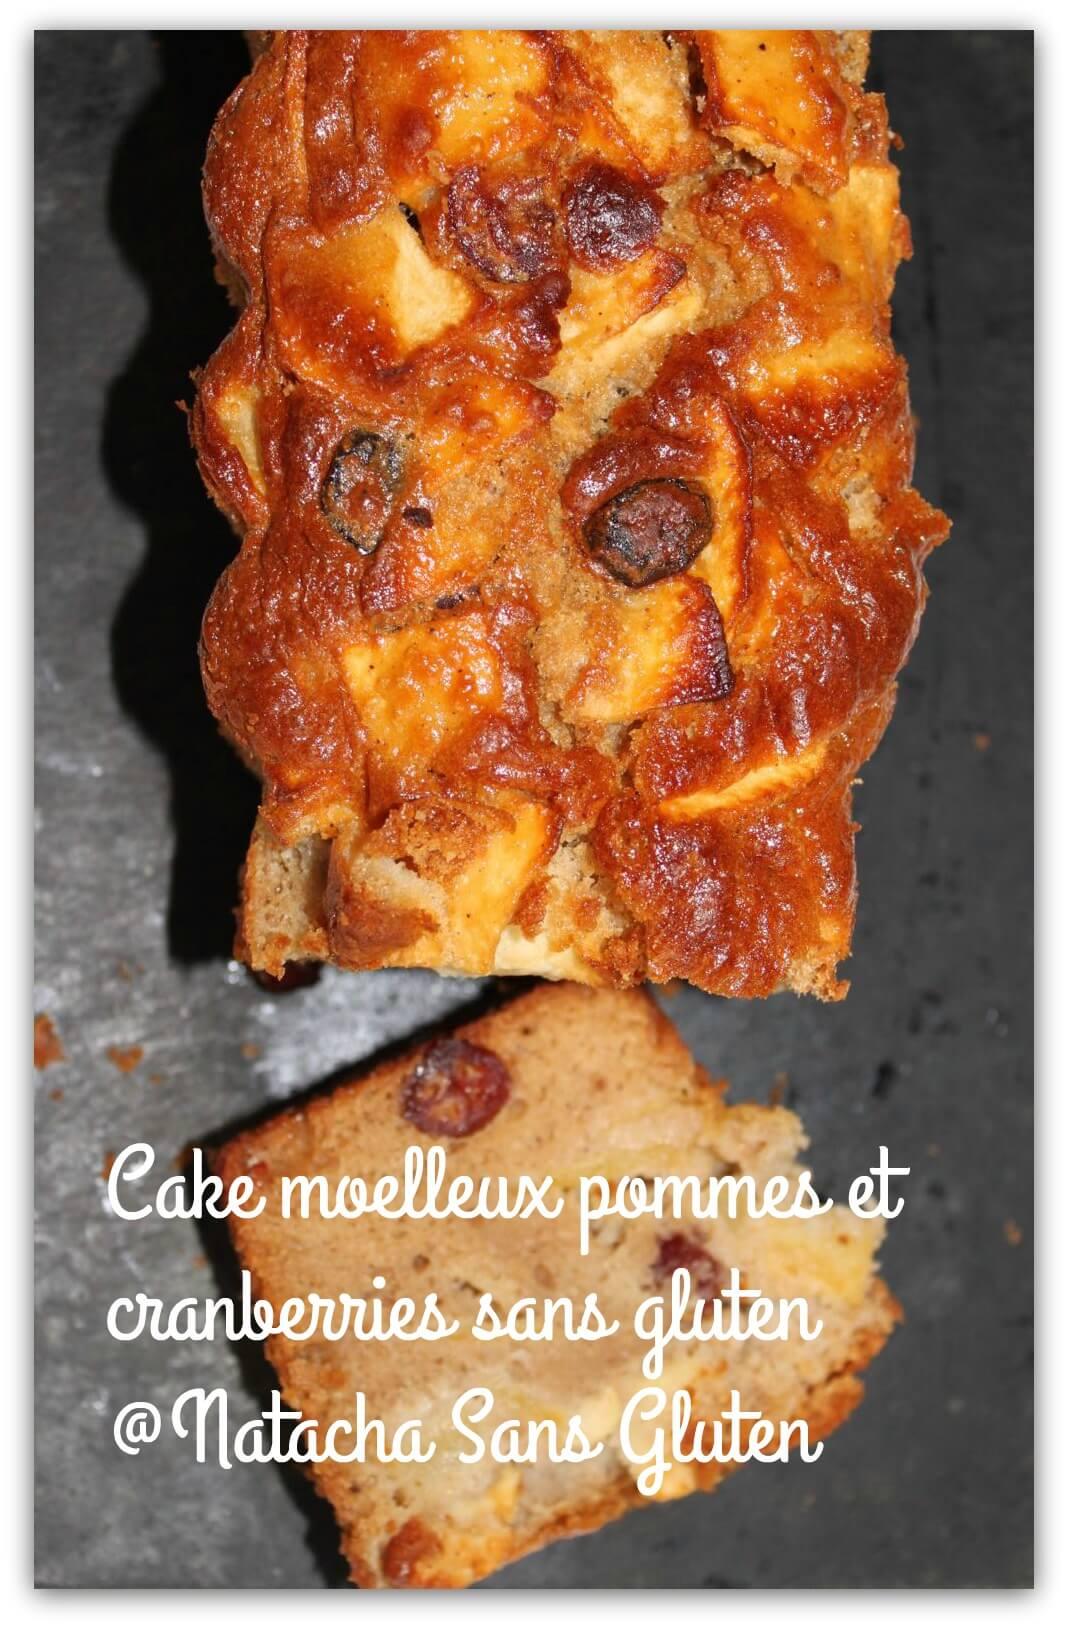 Cake moelleux aux pommes et cannerberges sans gluten